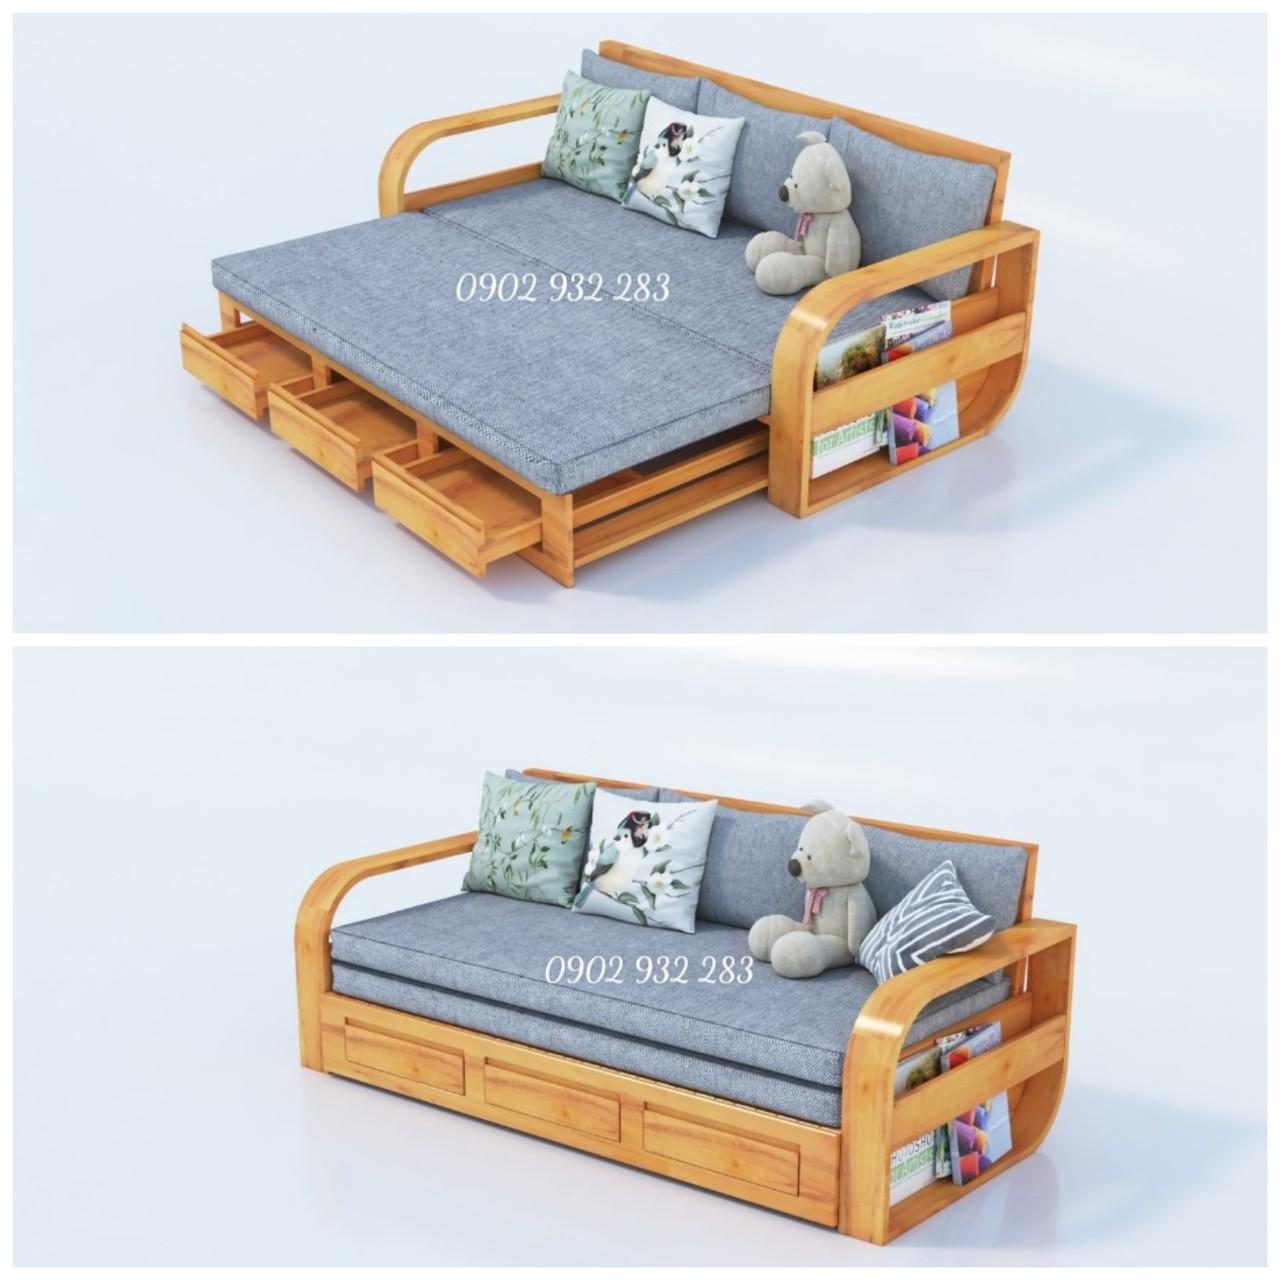 Bộ Sofa gỗ sồi ghế giường 2 trong 1